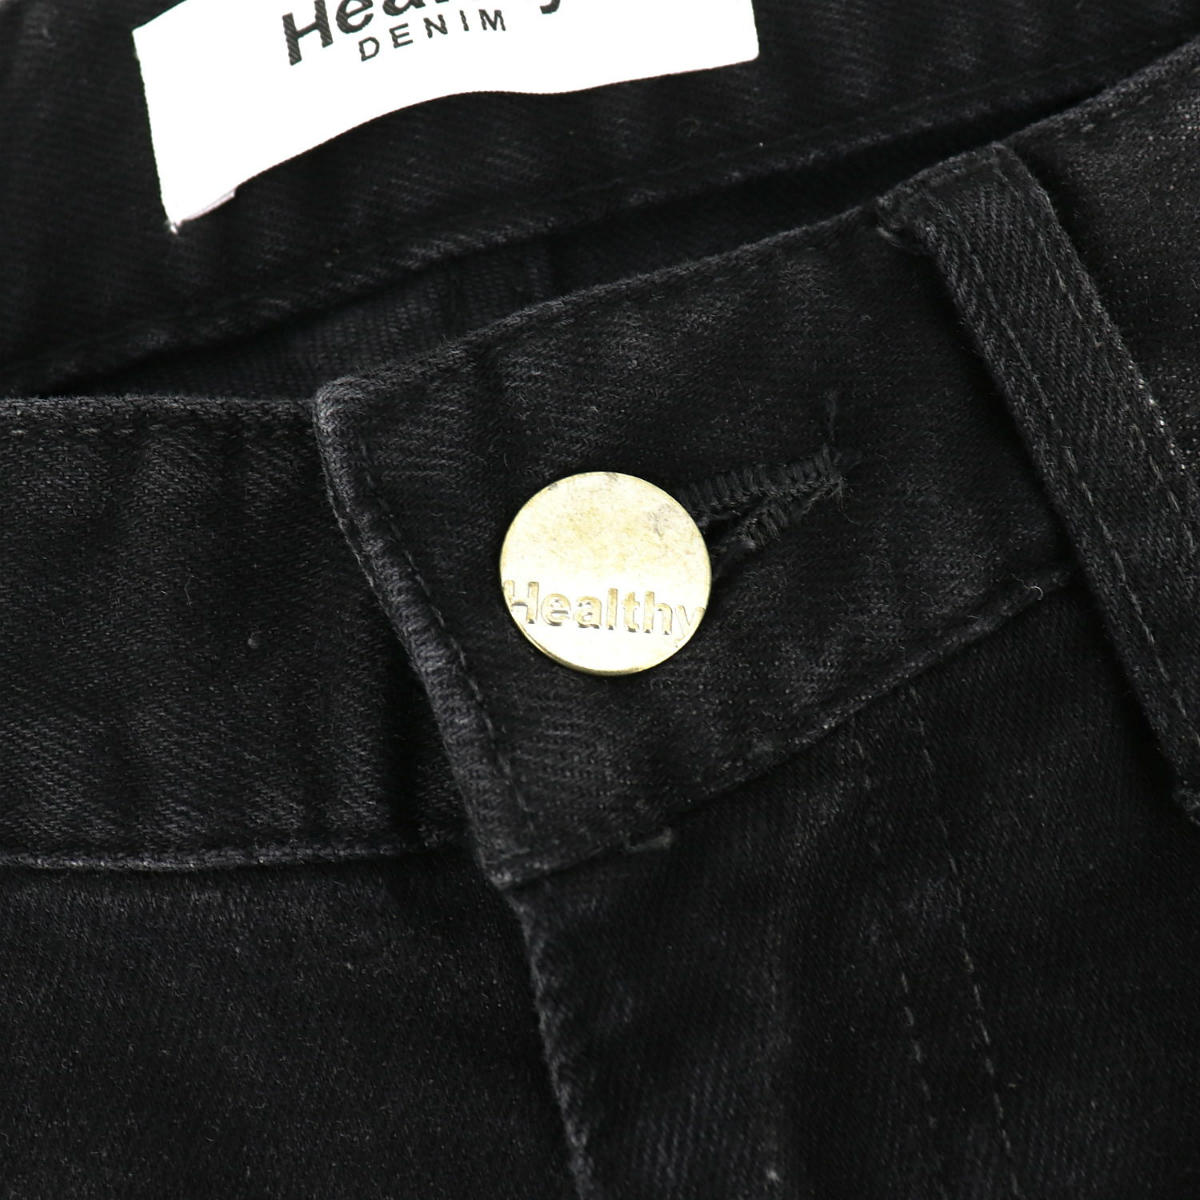 ヘルシーデニム HEALTHY DENIM レディース ストレッチ スリムテーパードデニムパンツ HL59559-bk Lime Black Used(ブラック)春夏新作